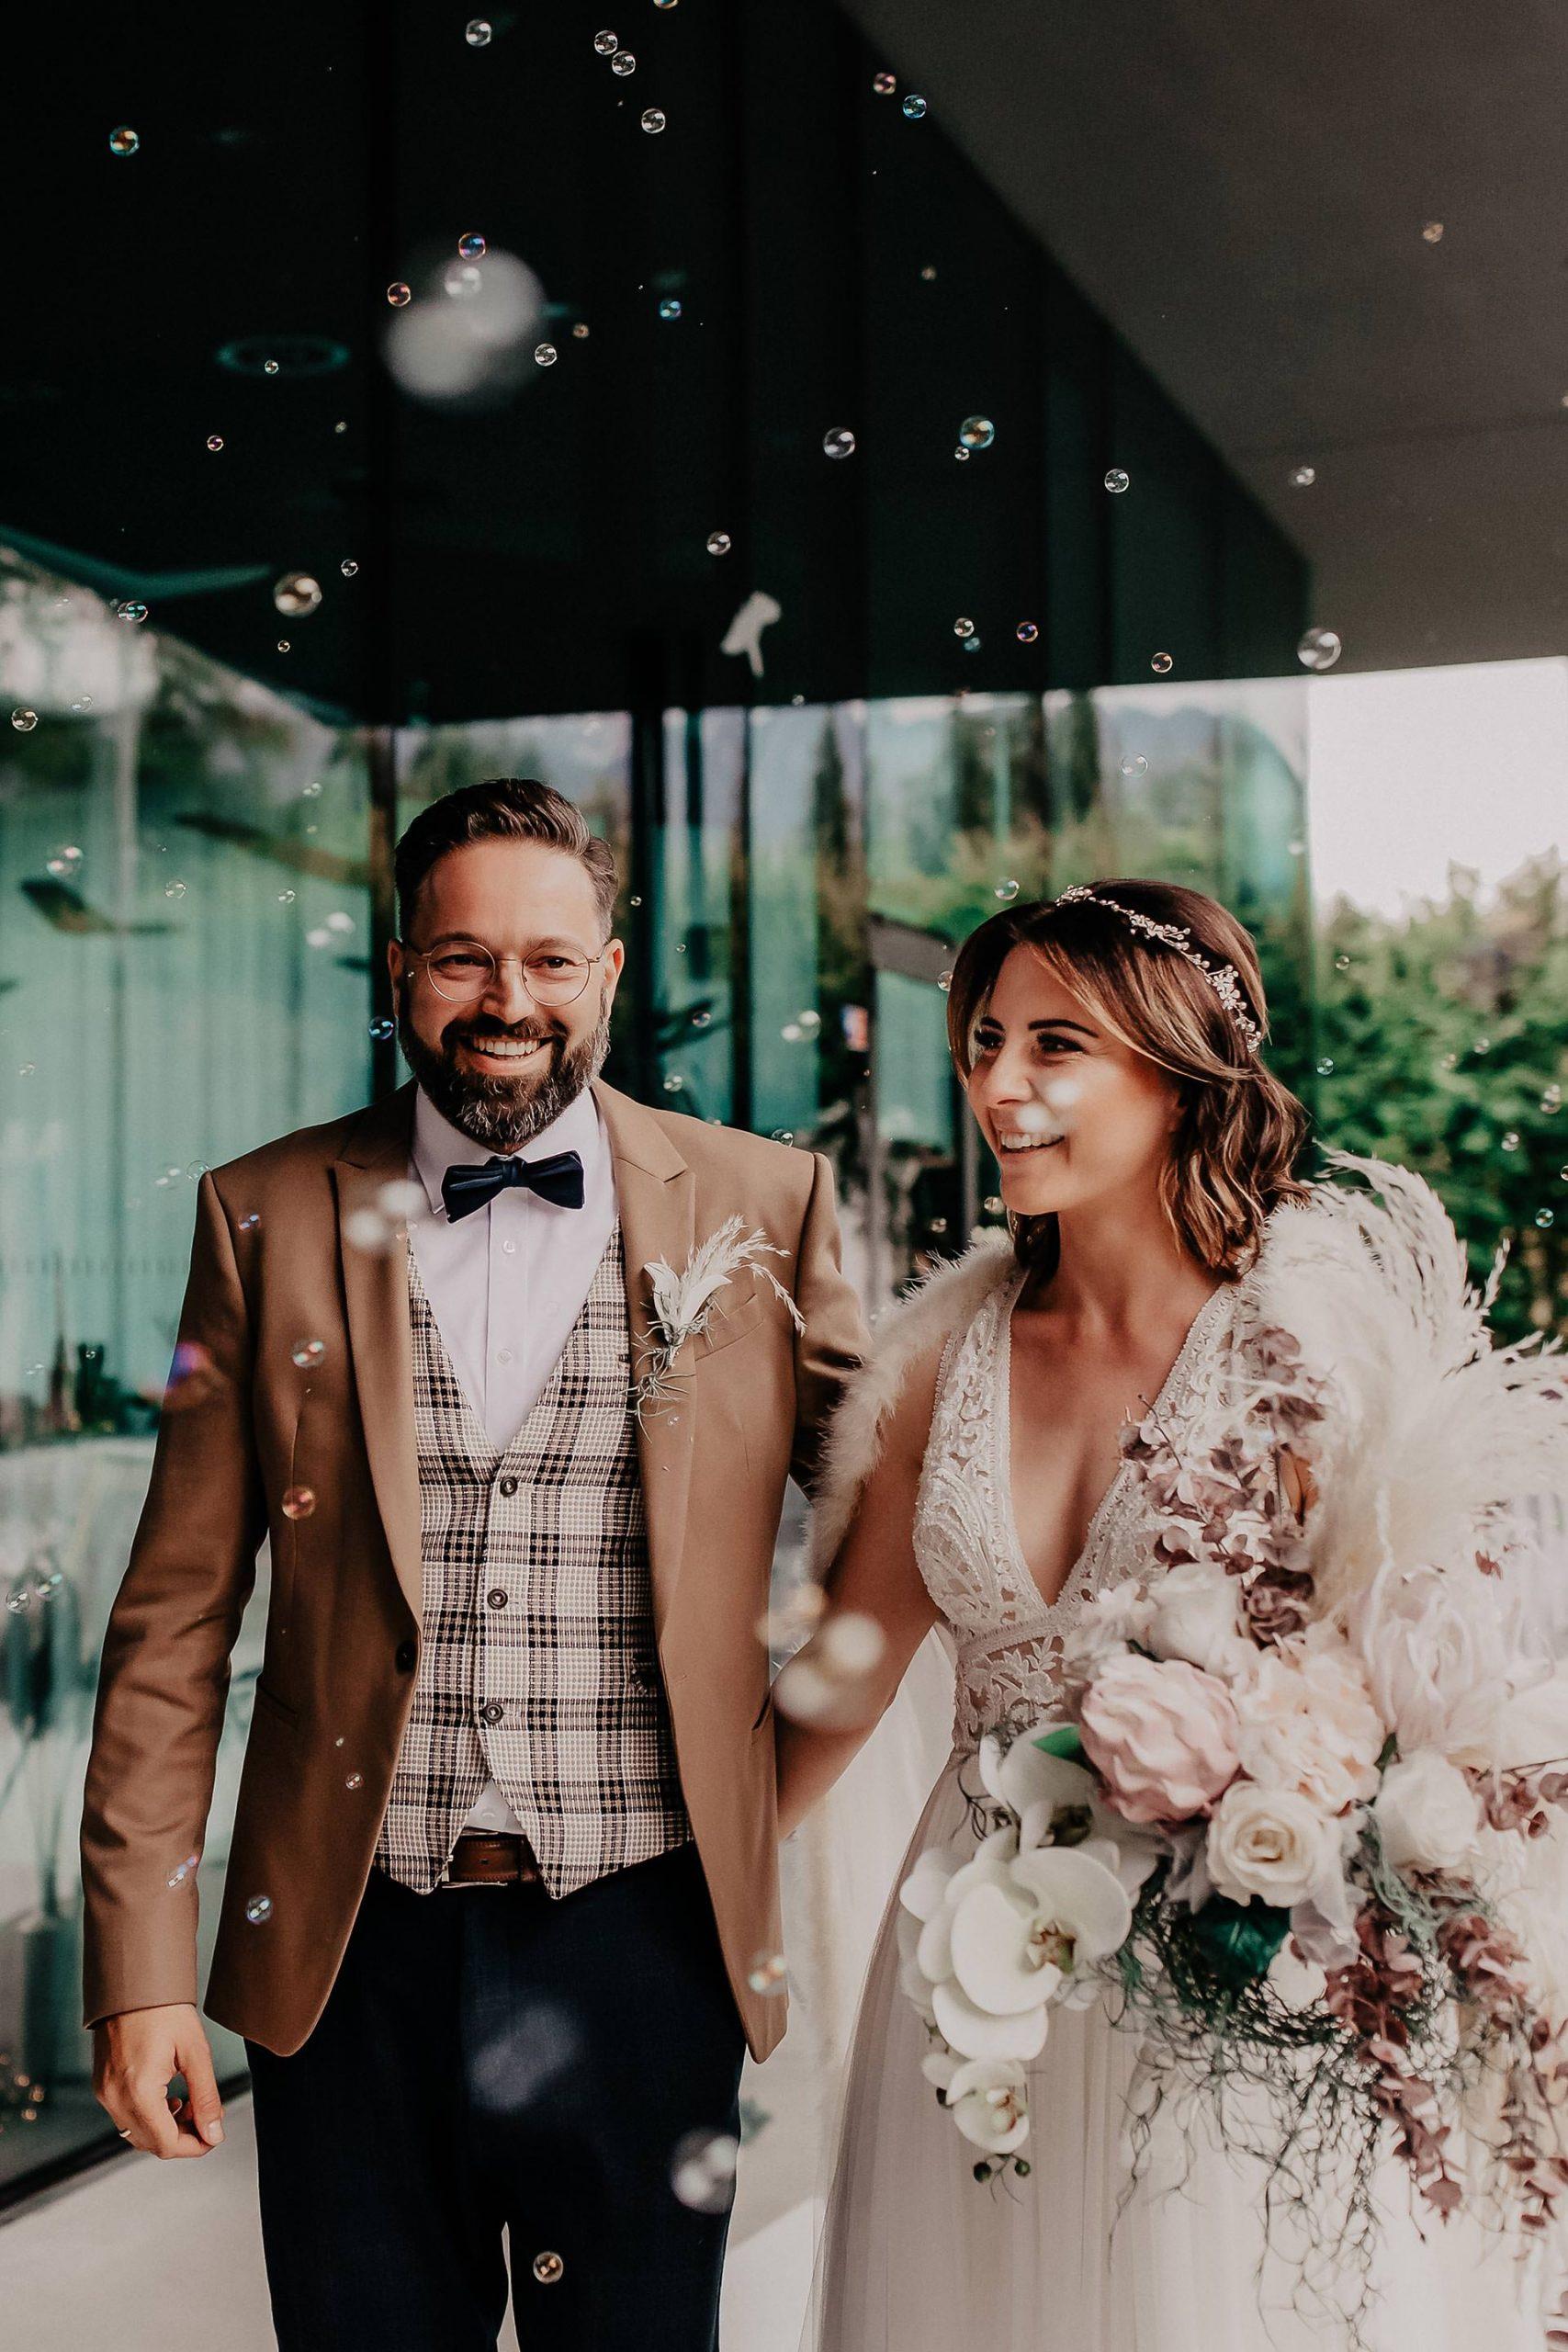 Mein Brautstyling Mit Pronovias Kleid Hochzeits Make Up Und